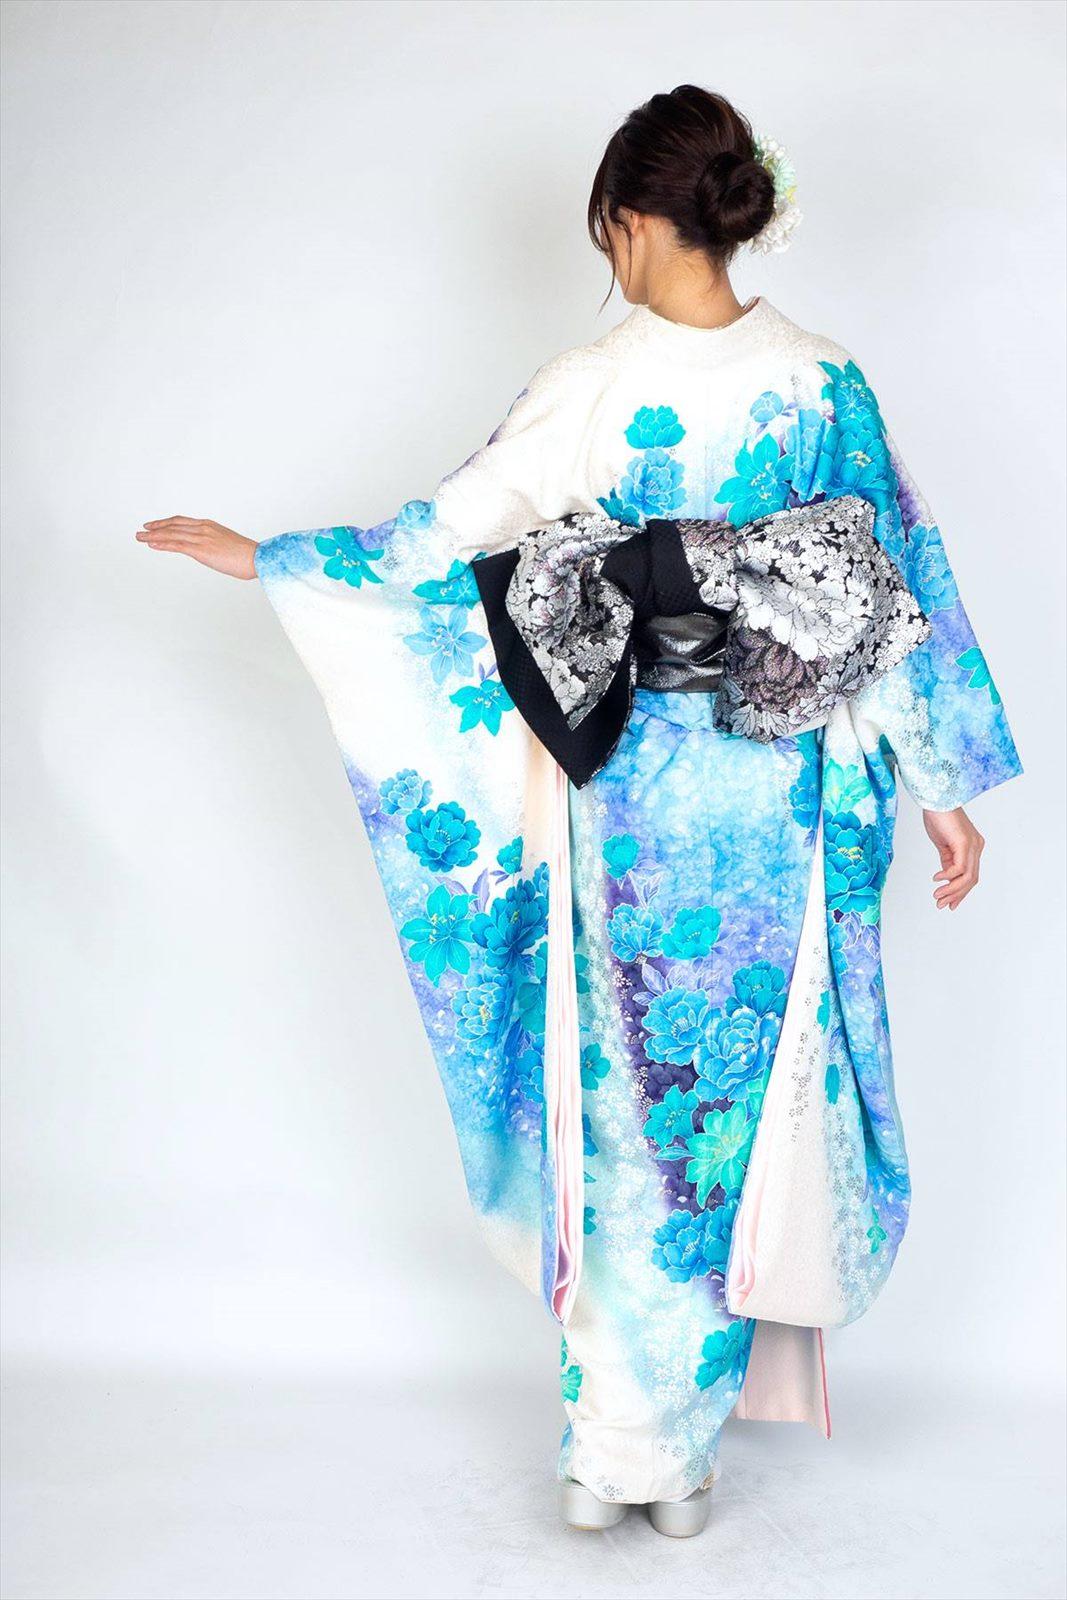 【成人式】 [安心の長期間レンタル]【対応身長155cm〜170cm】【正絹】レンタル振袖フルセット-606|正統派|キュート|花柄|百合|牡丹|白|青|水色|地模様|